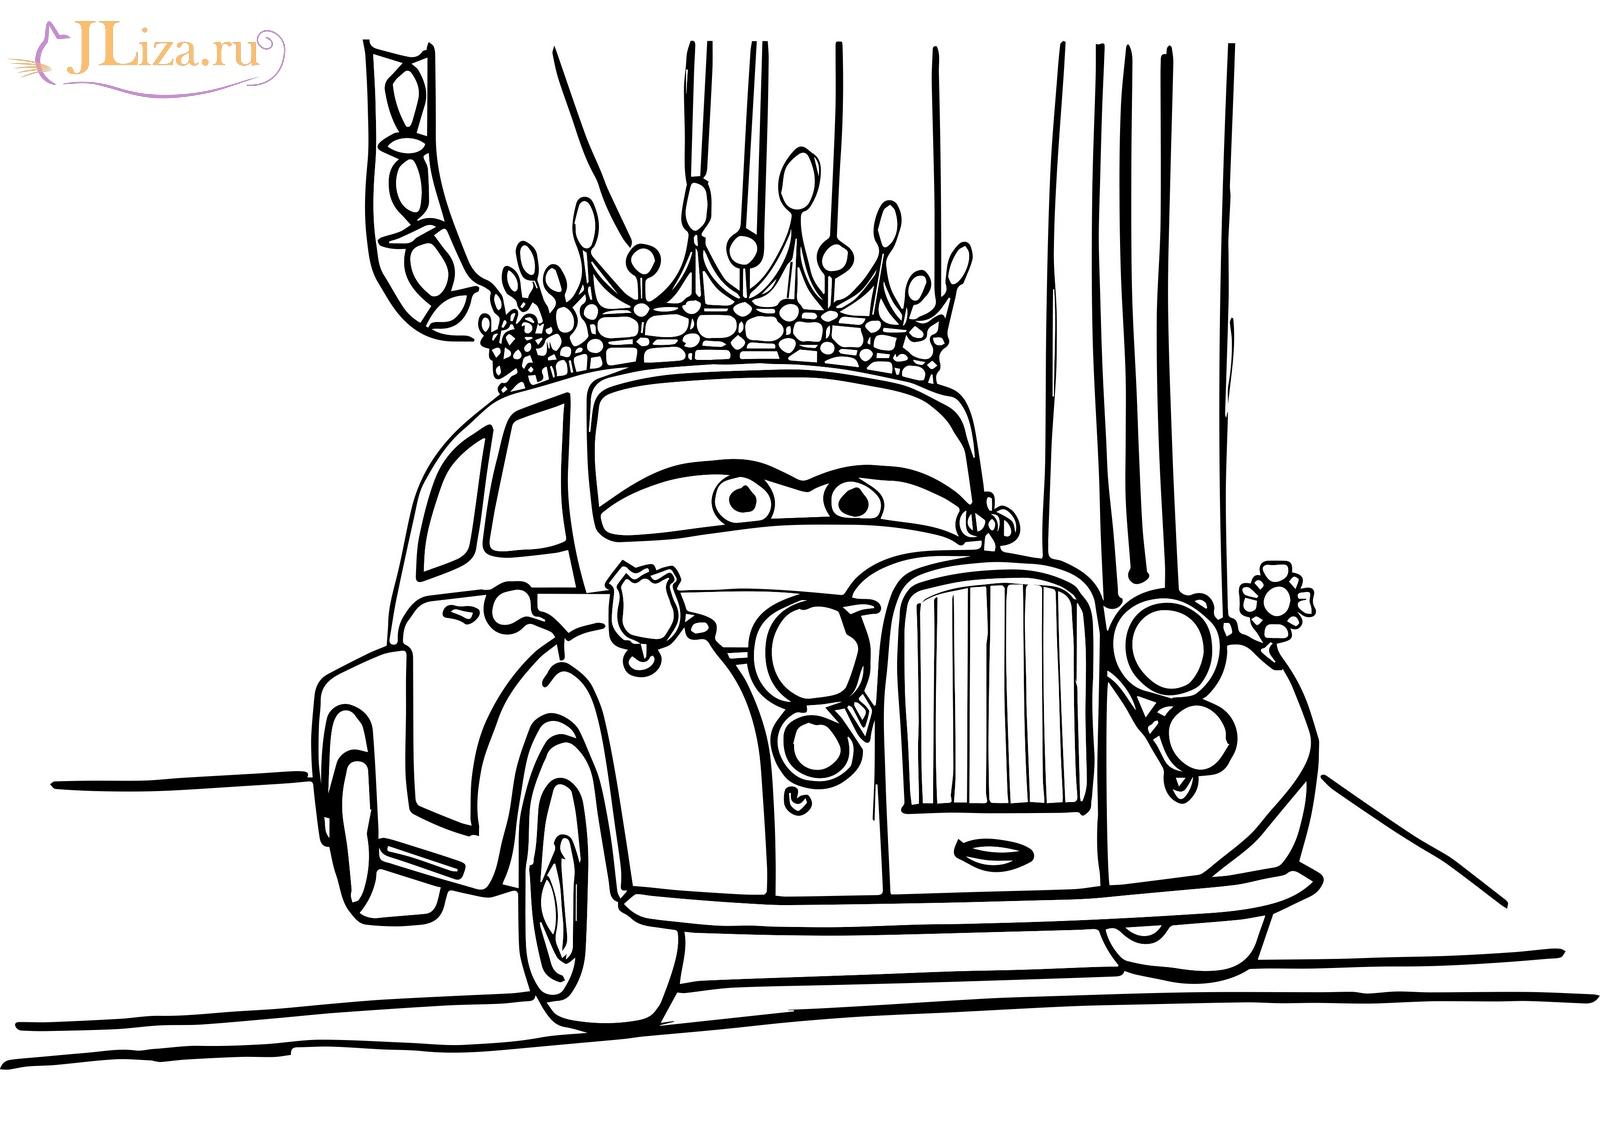 Фото № 443 Герои сказки теремок из автомобильных шин